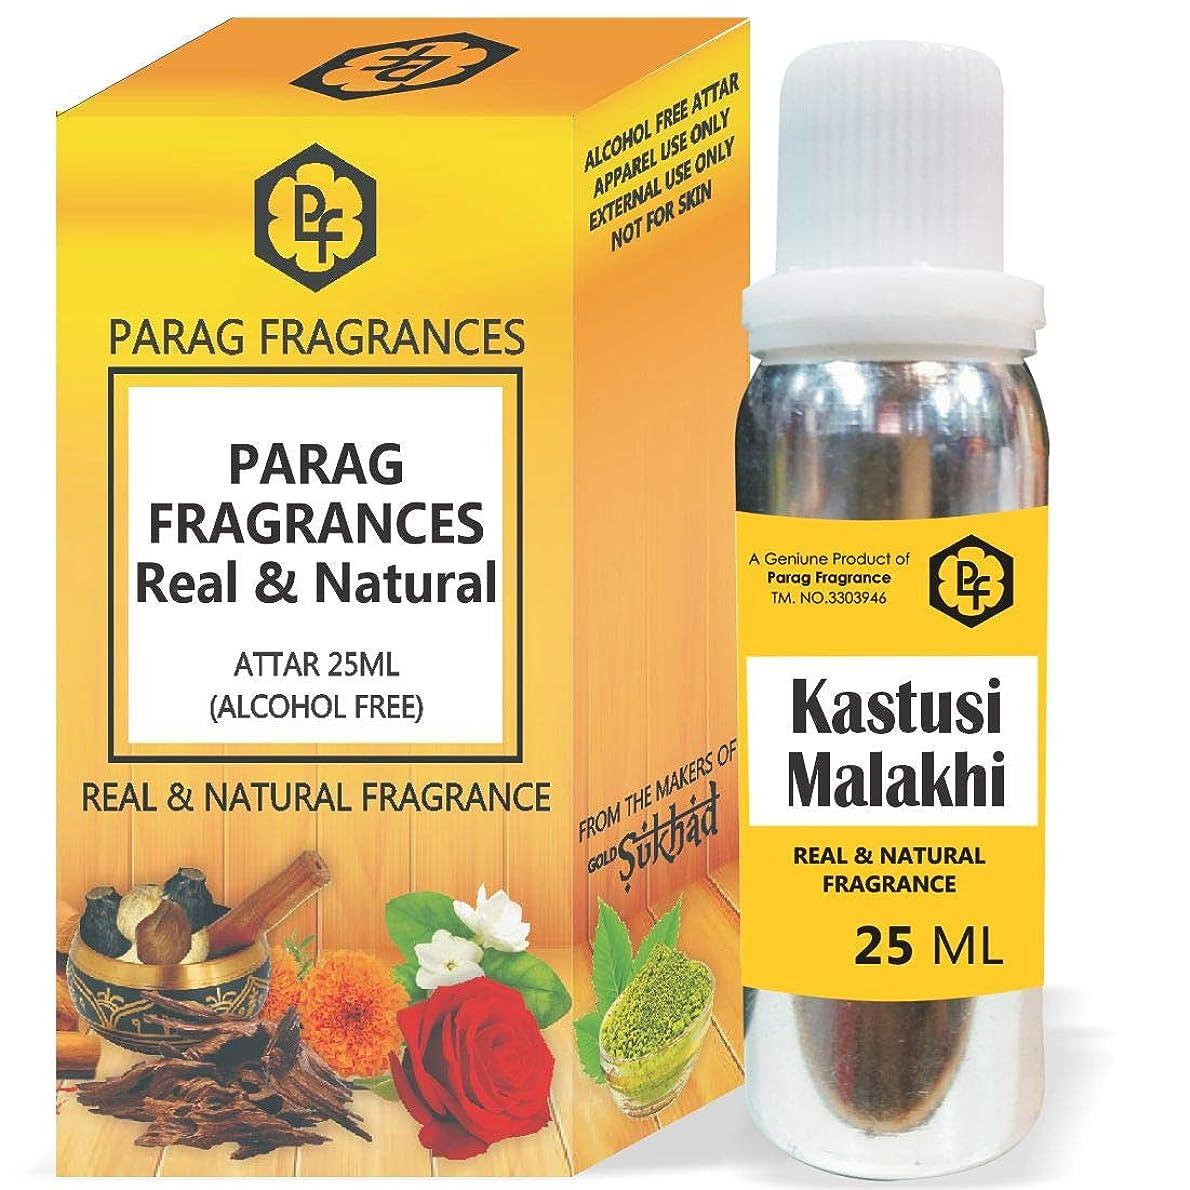 転倒とにかく楽観的50/100/200/500パックでファンシー空き瓶(アルコールフリー、ロングラスティング、自然アター)でParagフレグランス25ミリリットルKastusi Malakhiアターも利用可能